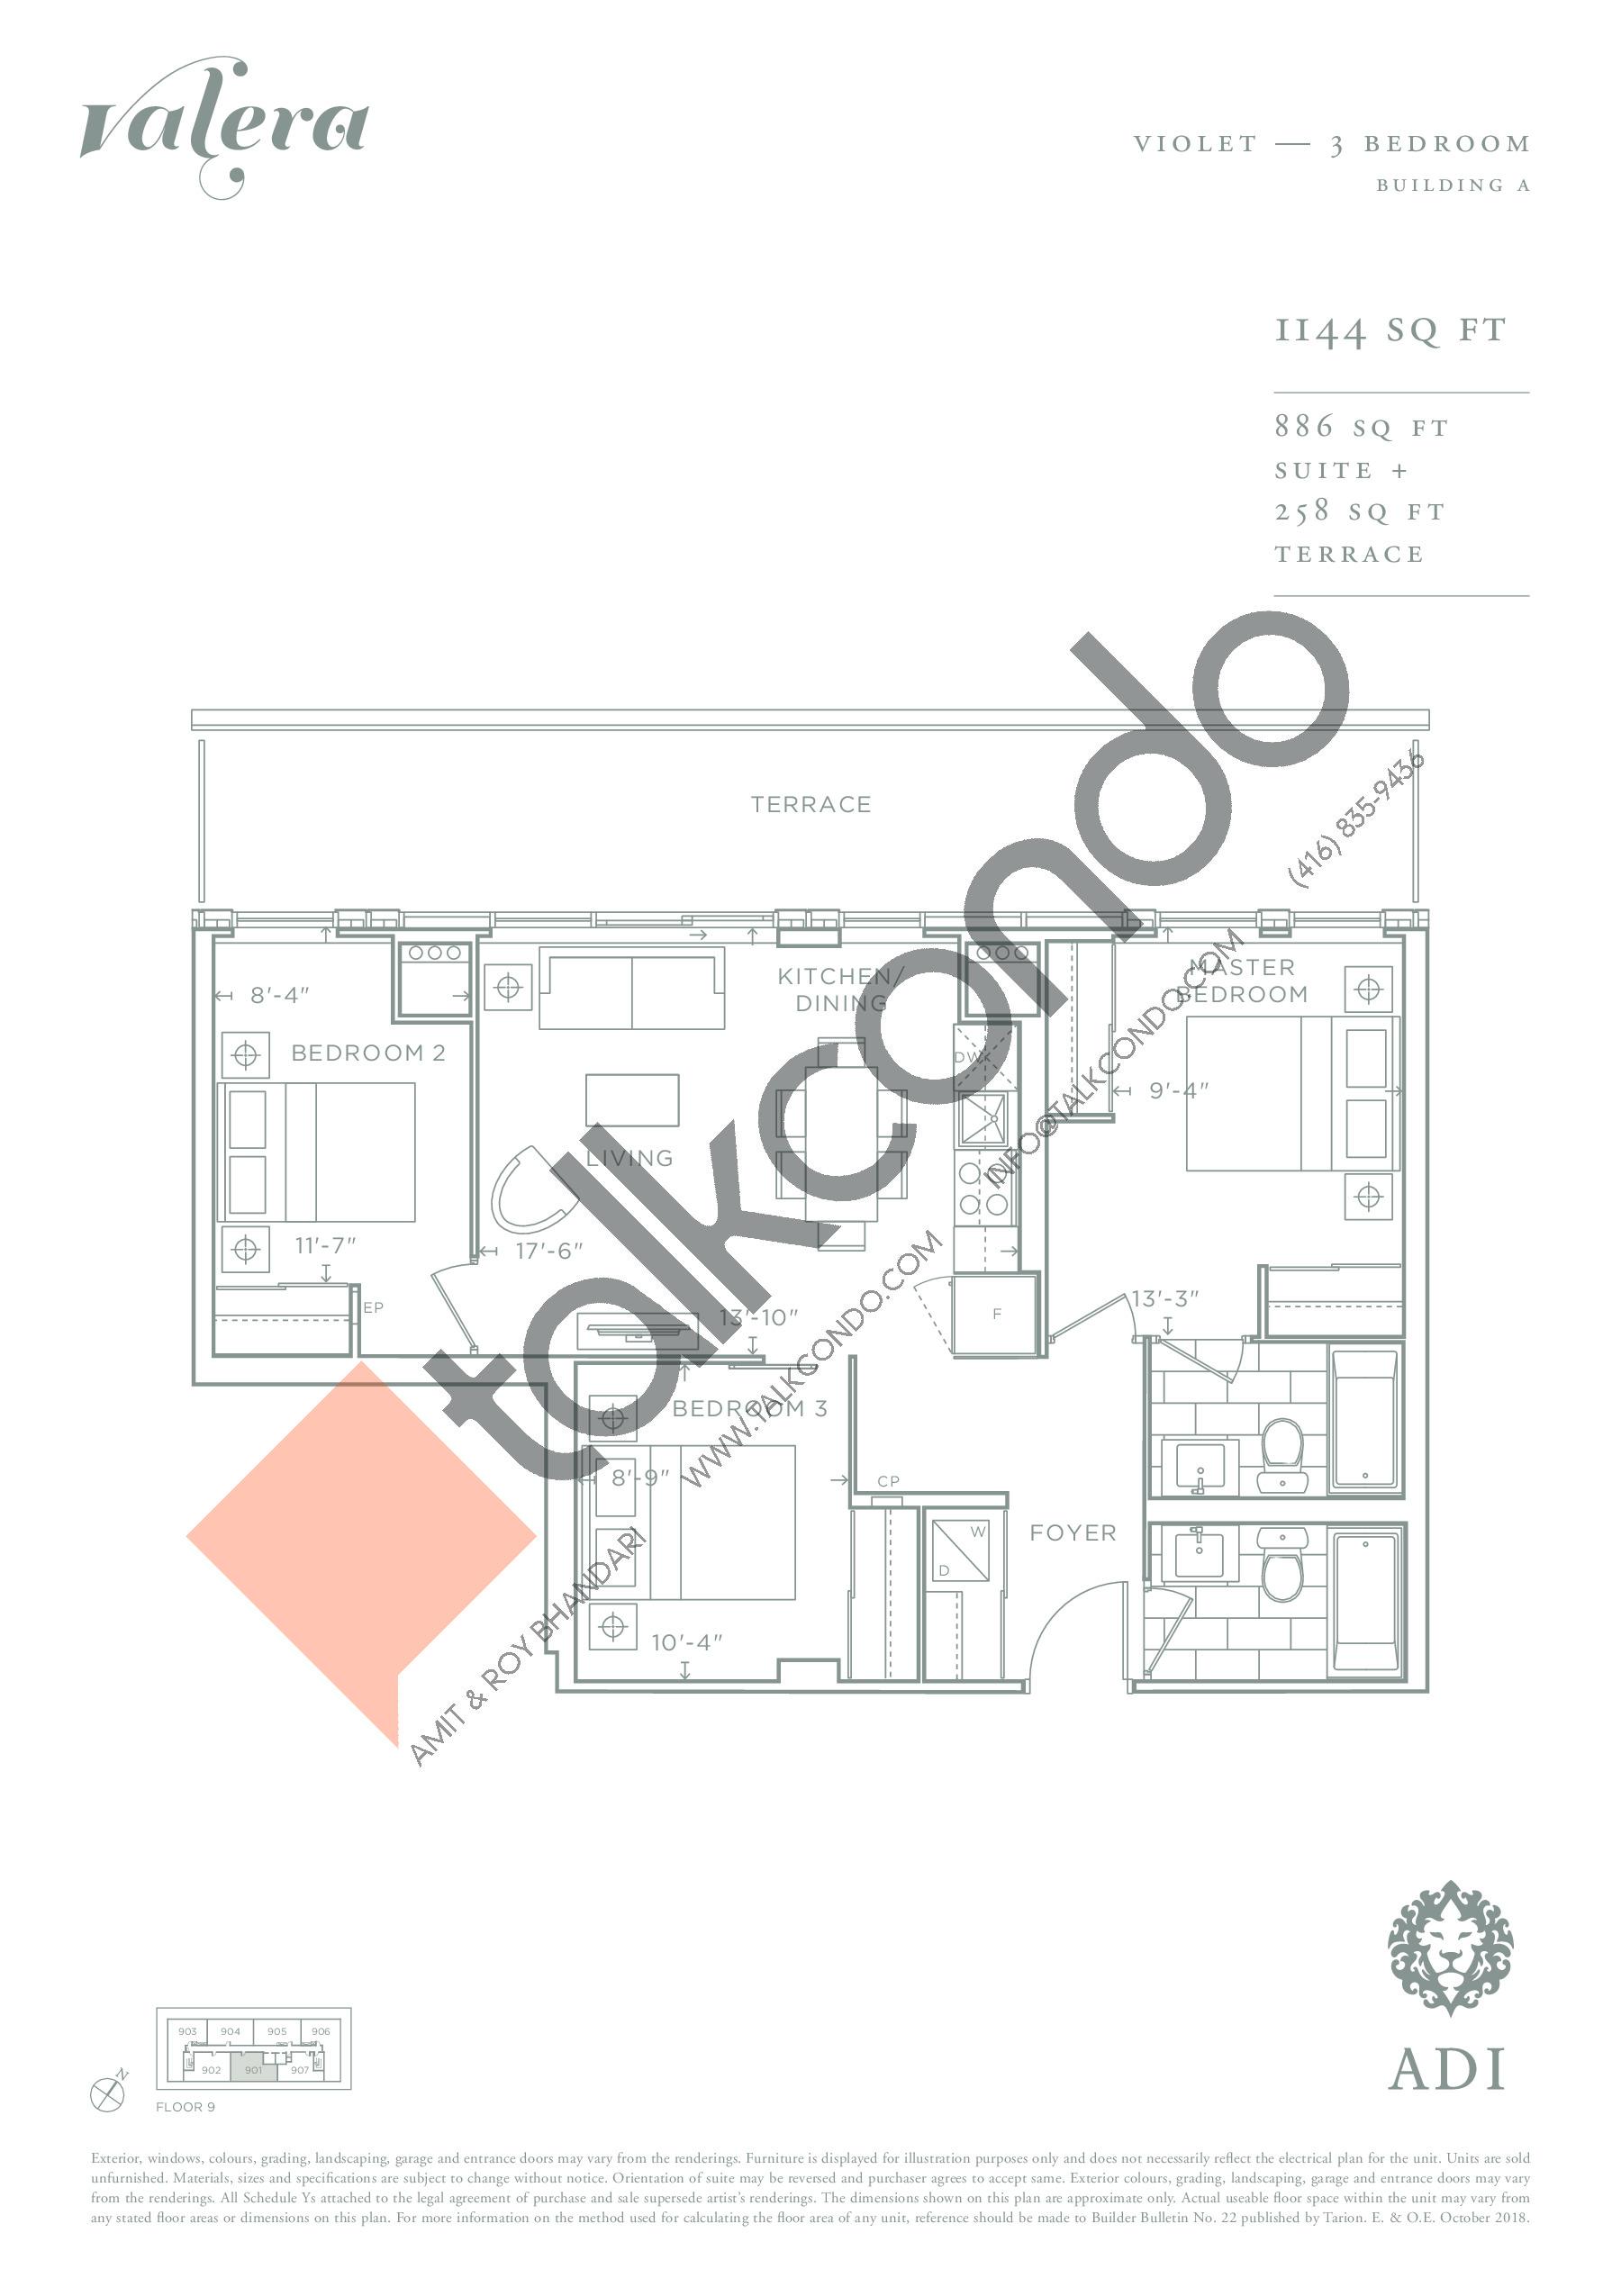 Violet Floor Plan at Valera Condos - 886 sq.ft